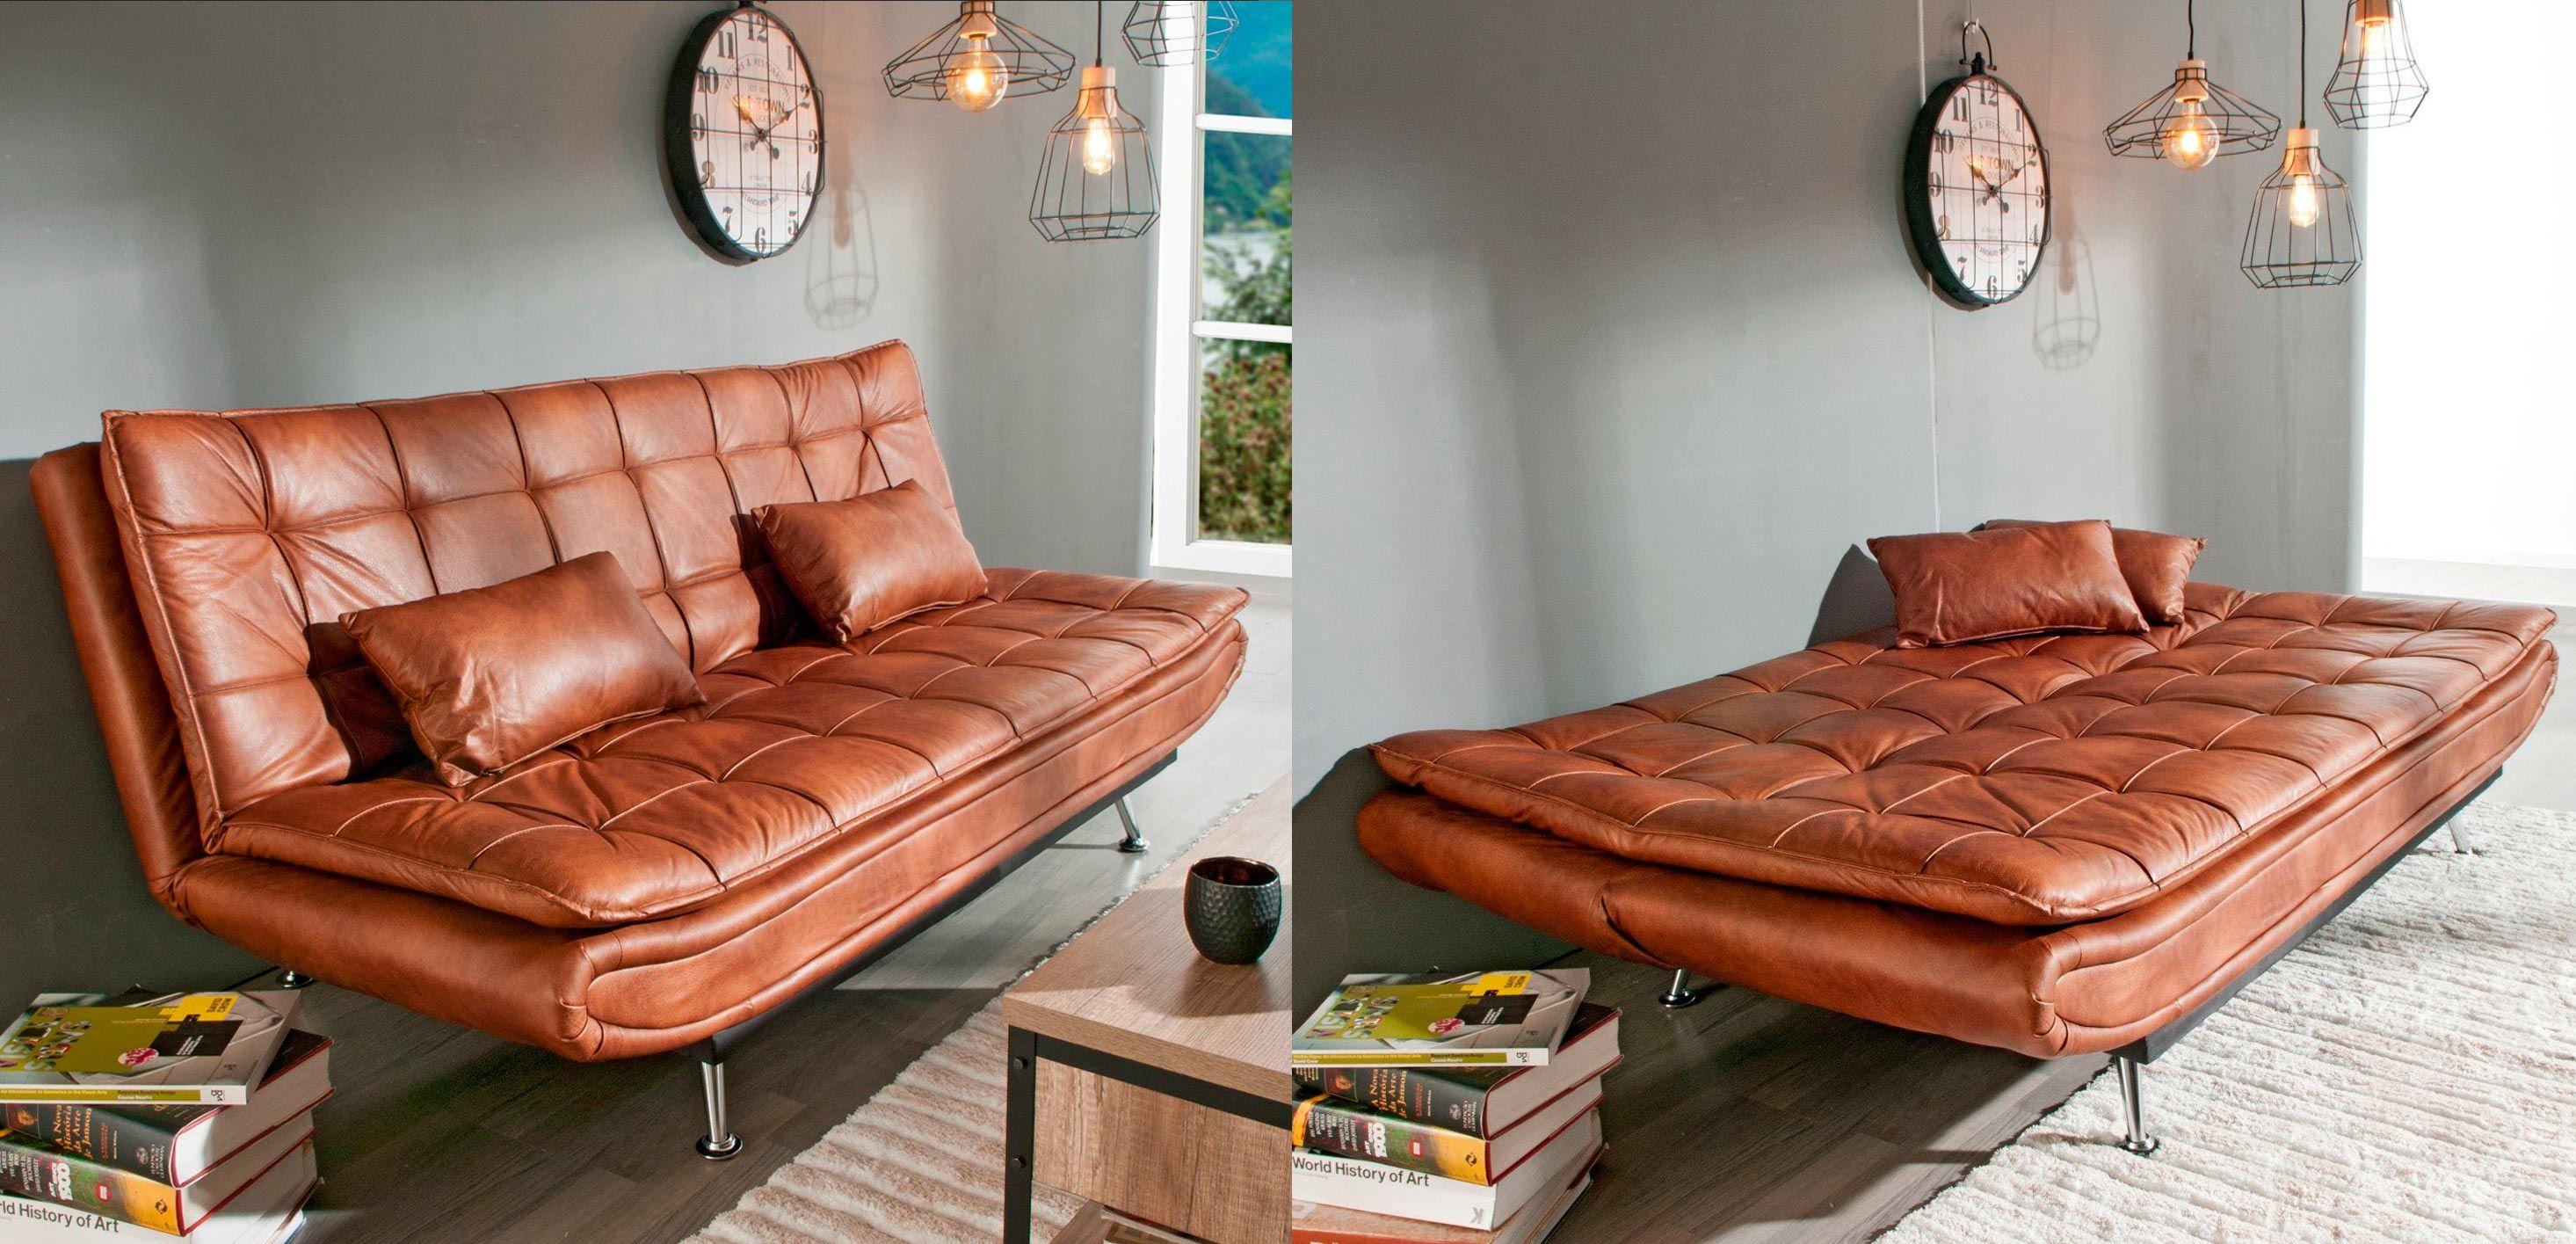 Canapé-lit en simili cuir - modèle WILLEM par Conforama